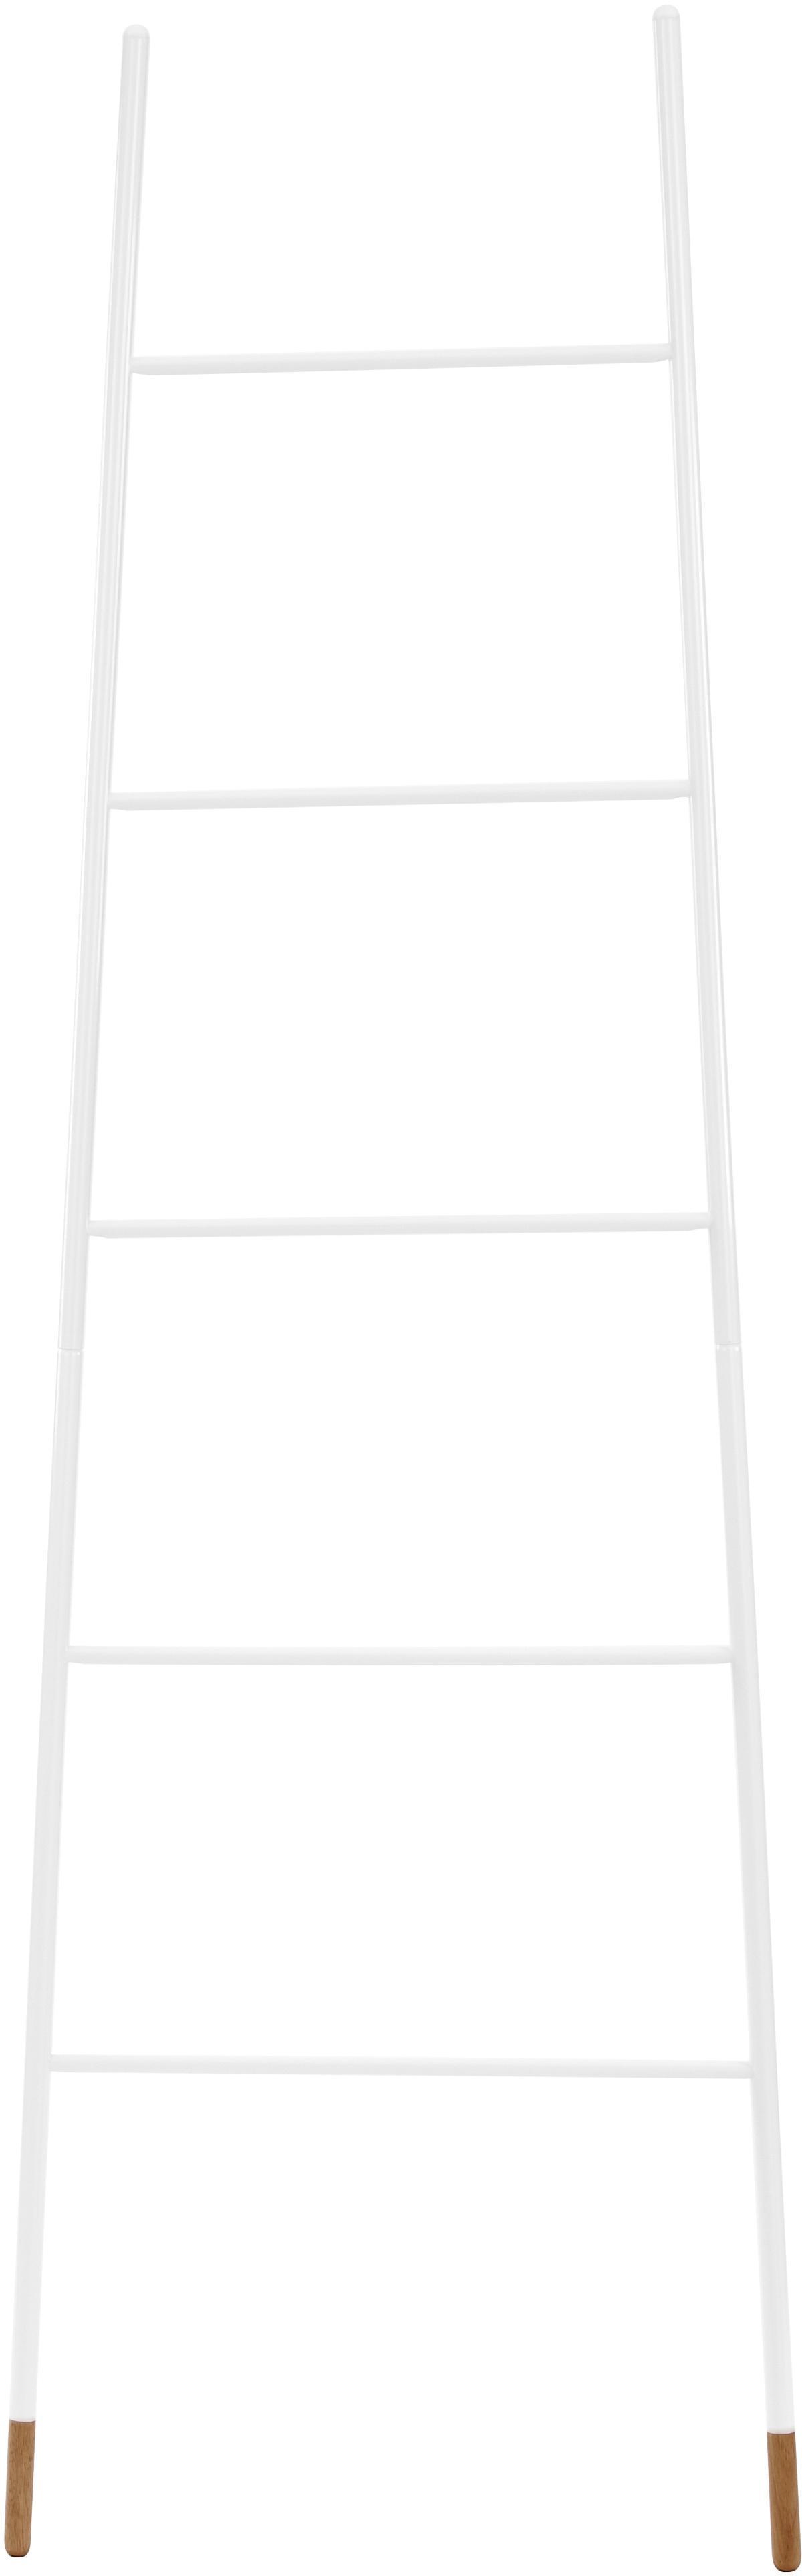 Scala portasciugamani in bianco Rack Ladder, Piedini: albero della gomma vernic, Bianco, Larg. 54 x Alt. 175 cm